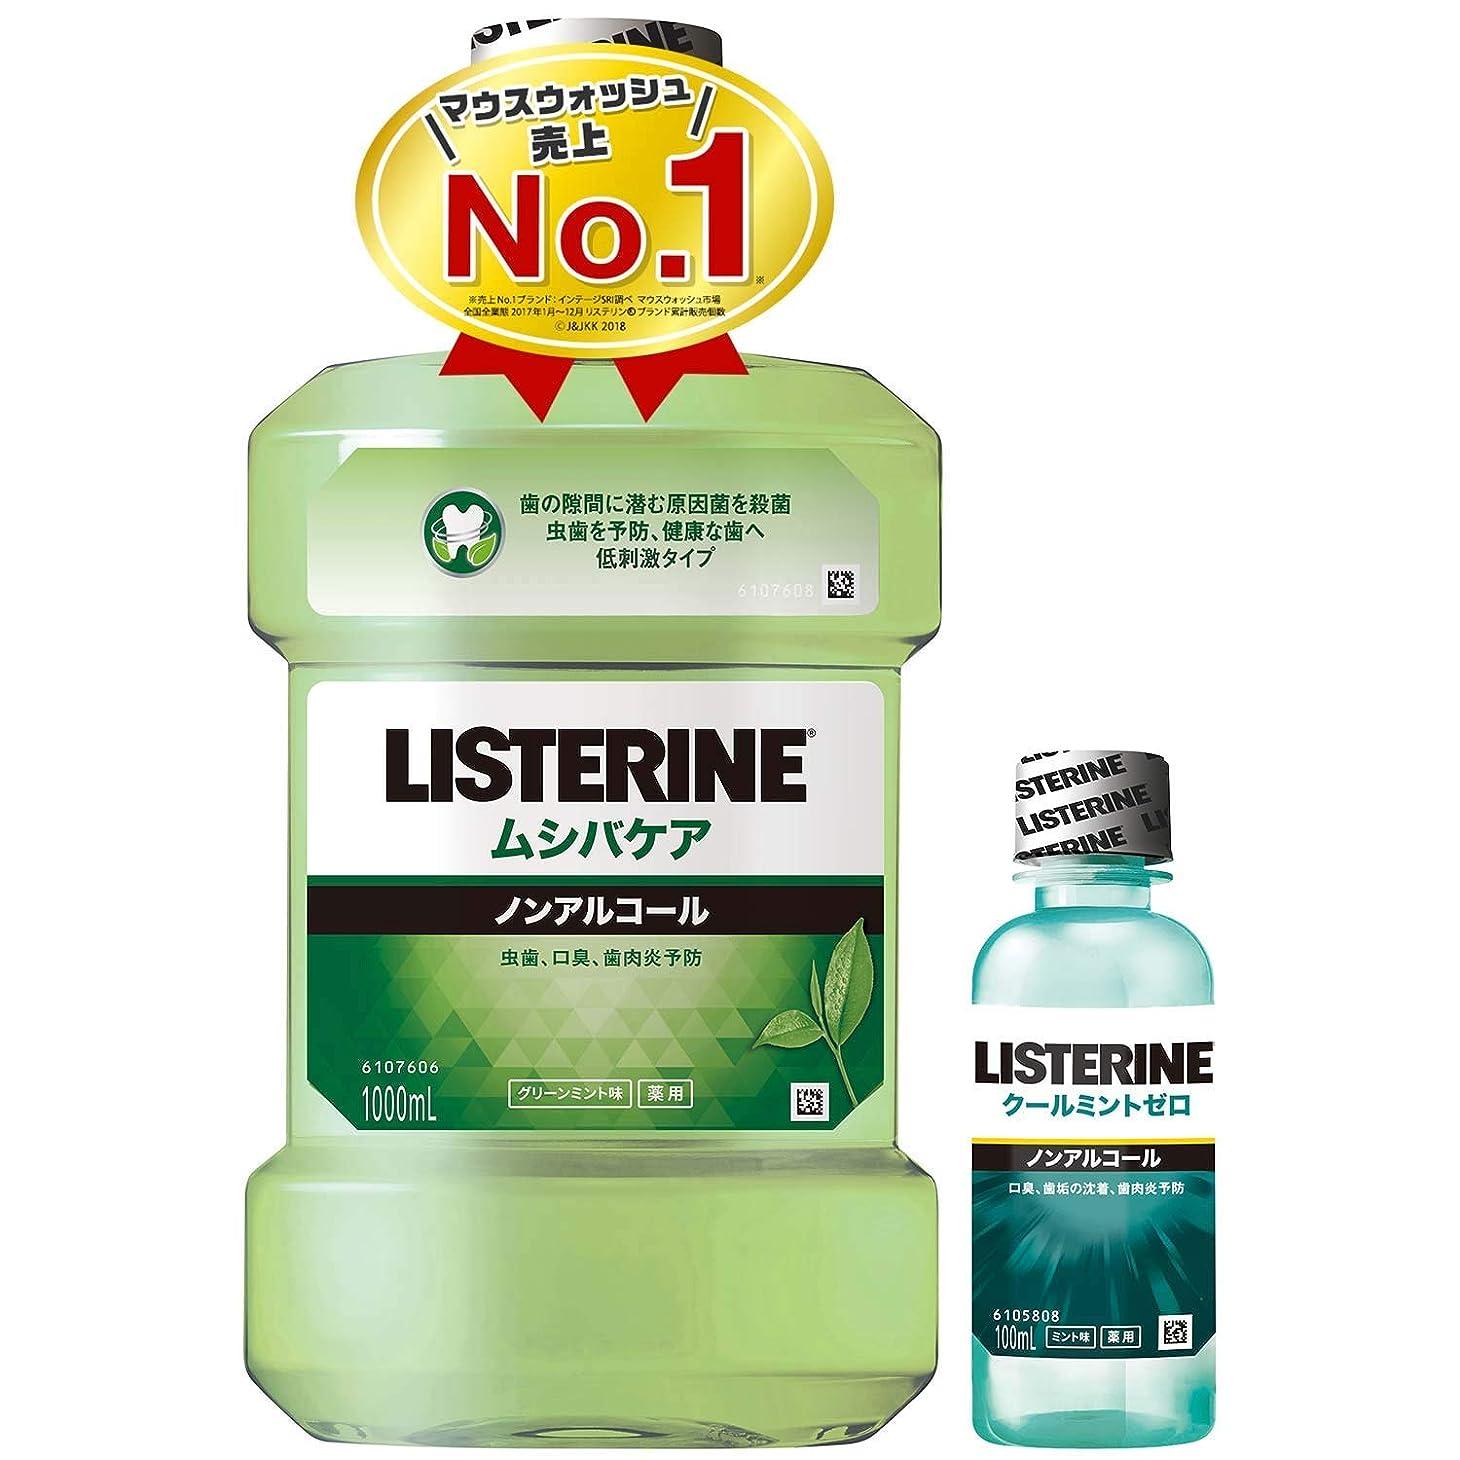 年齢組み立てる特別な[医薬部外品] 薬用 LISTERINE(リステリン) マウスウォッシュ ムシバケア 1000mL + おまけつき